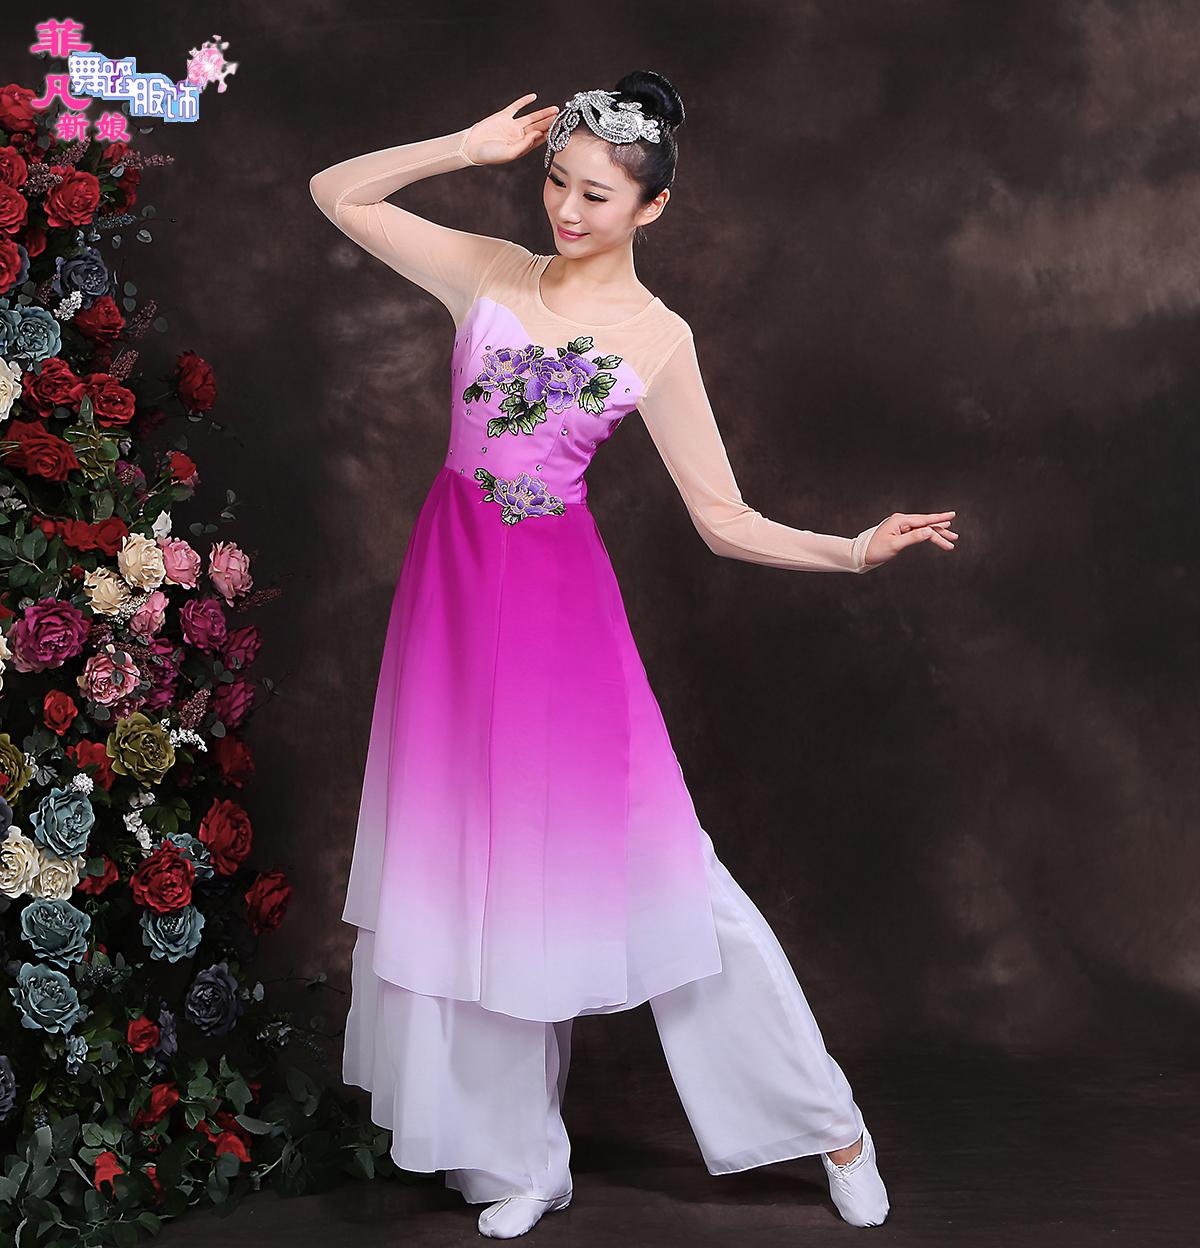 茉莉花古典舞伞舞秧歌舞蹈演出民族舞台服装2016新款多色广场舞女